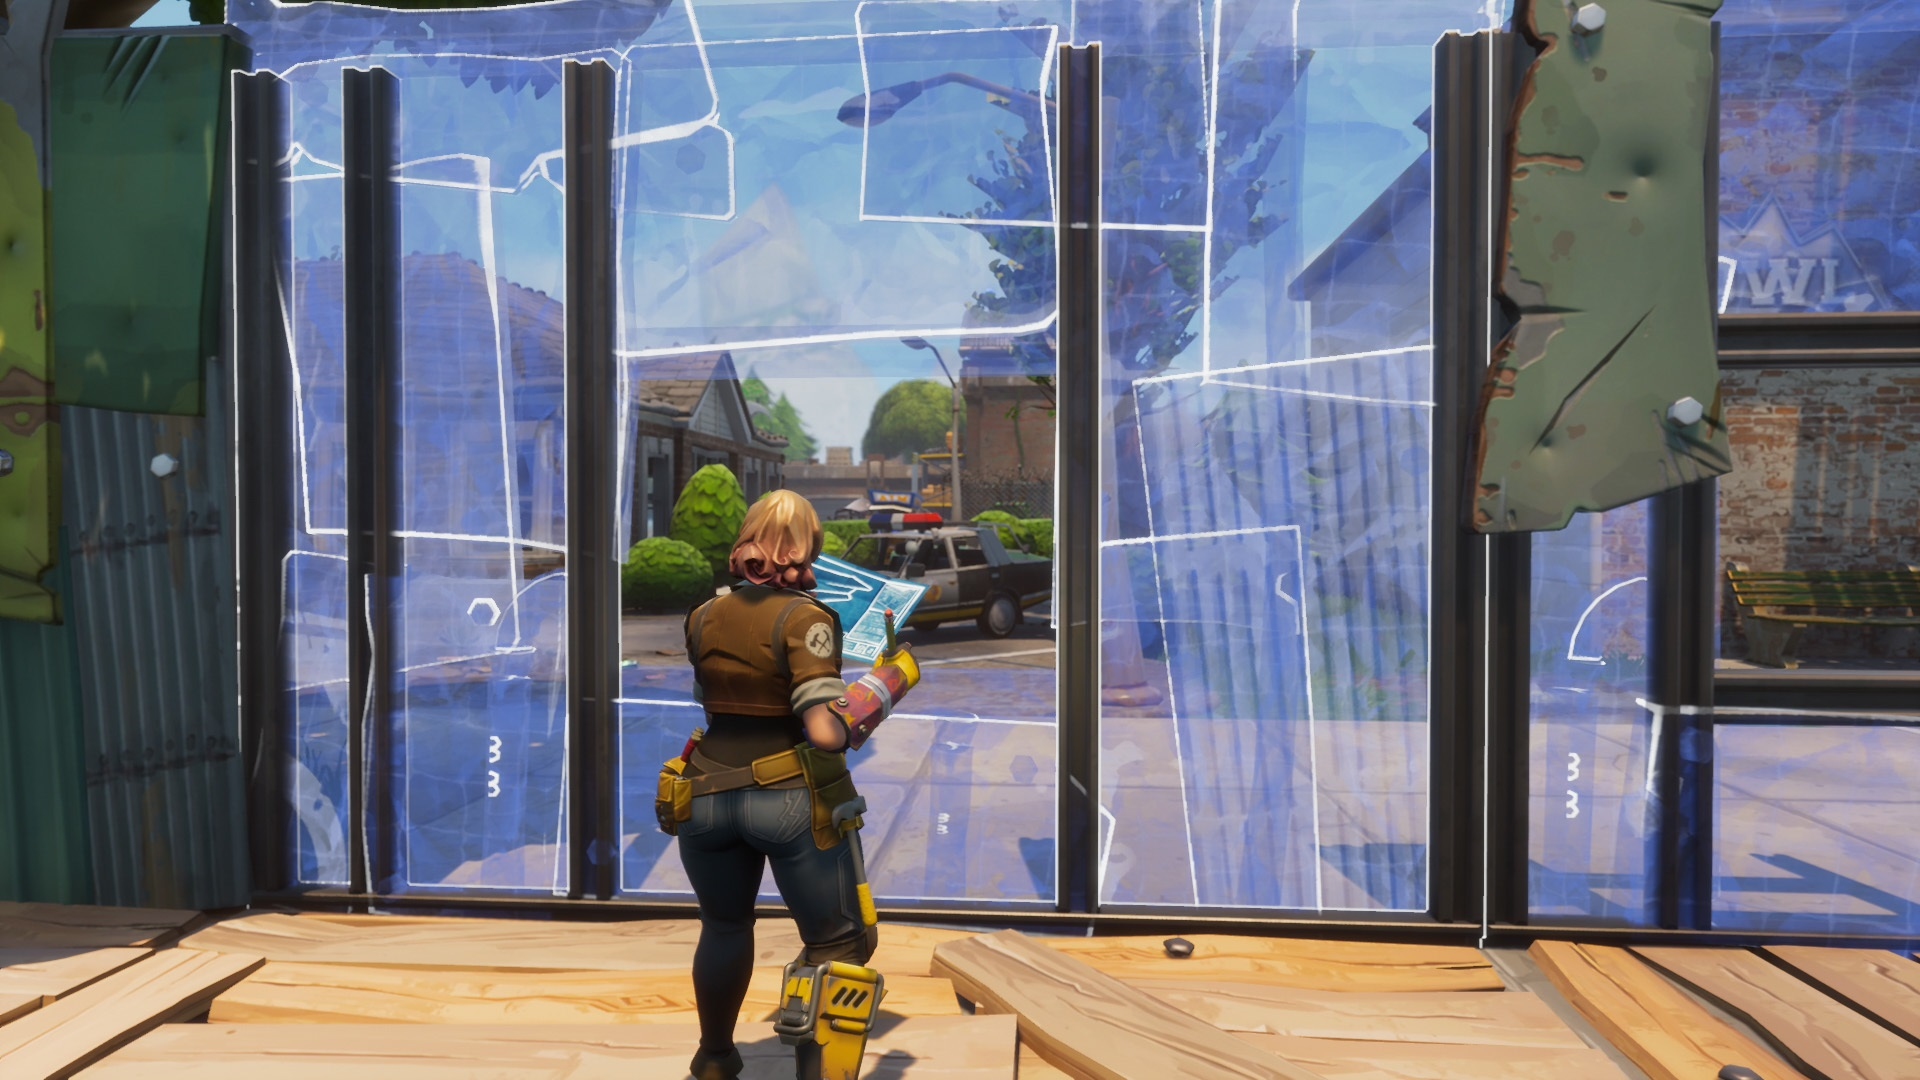 Fortnite E3 2017